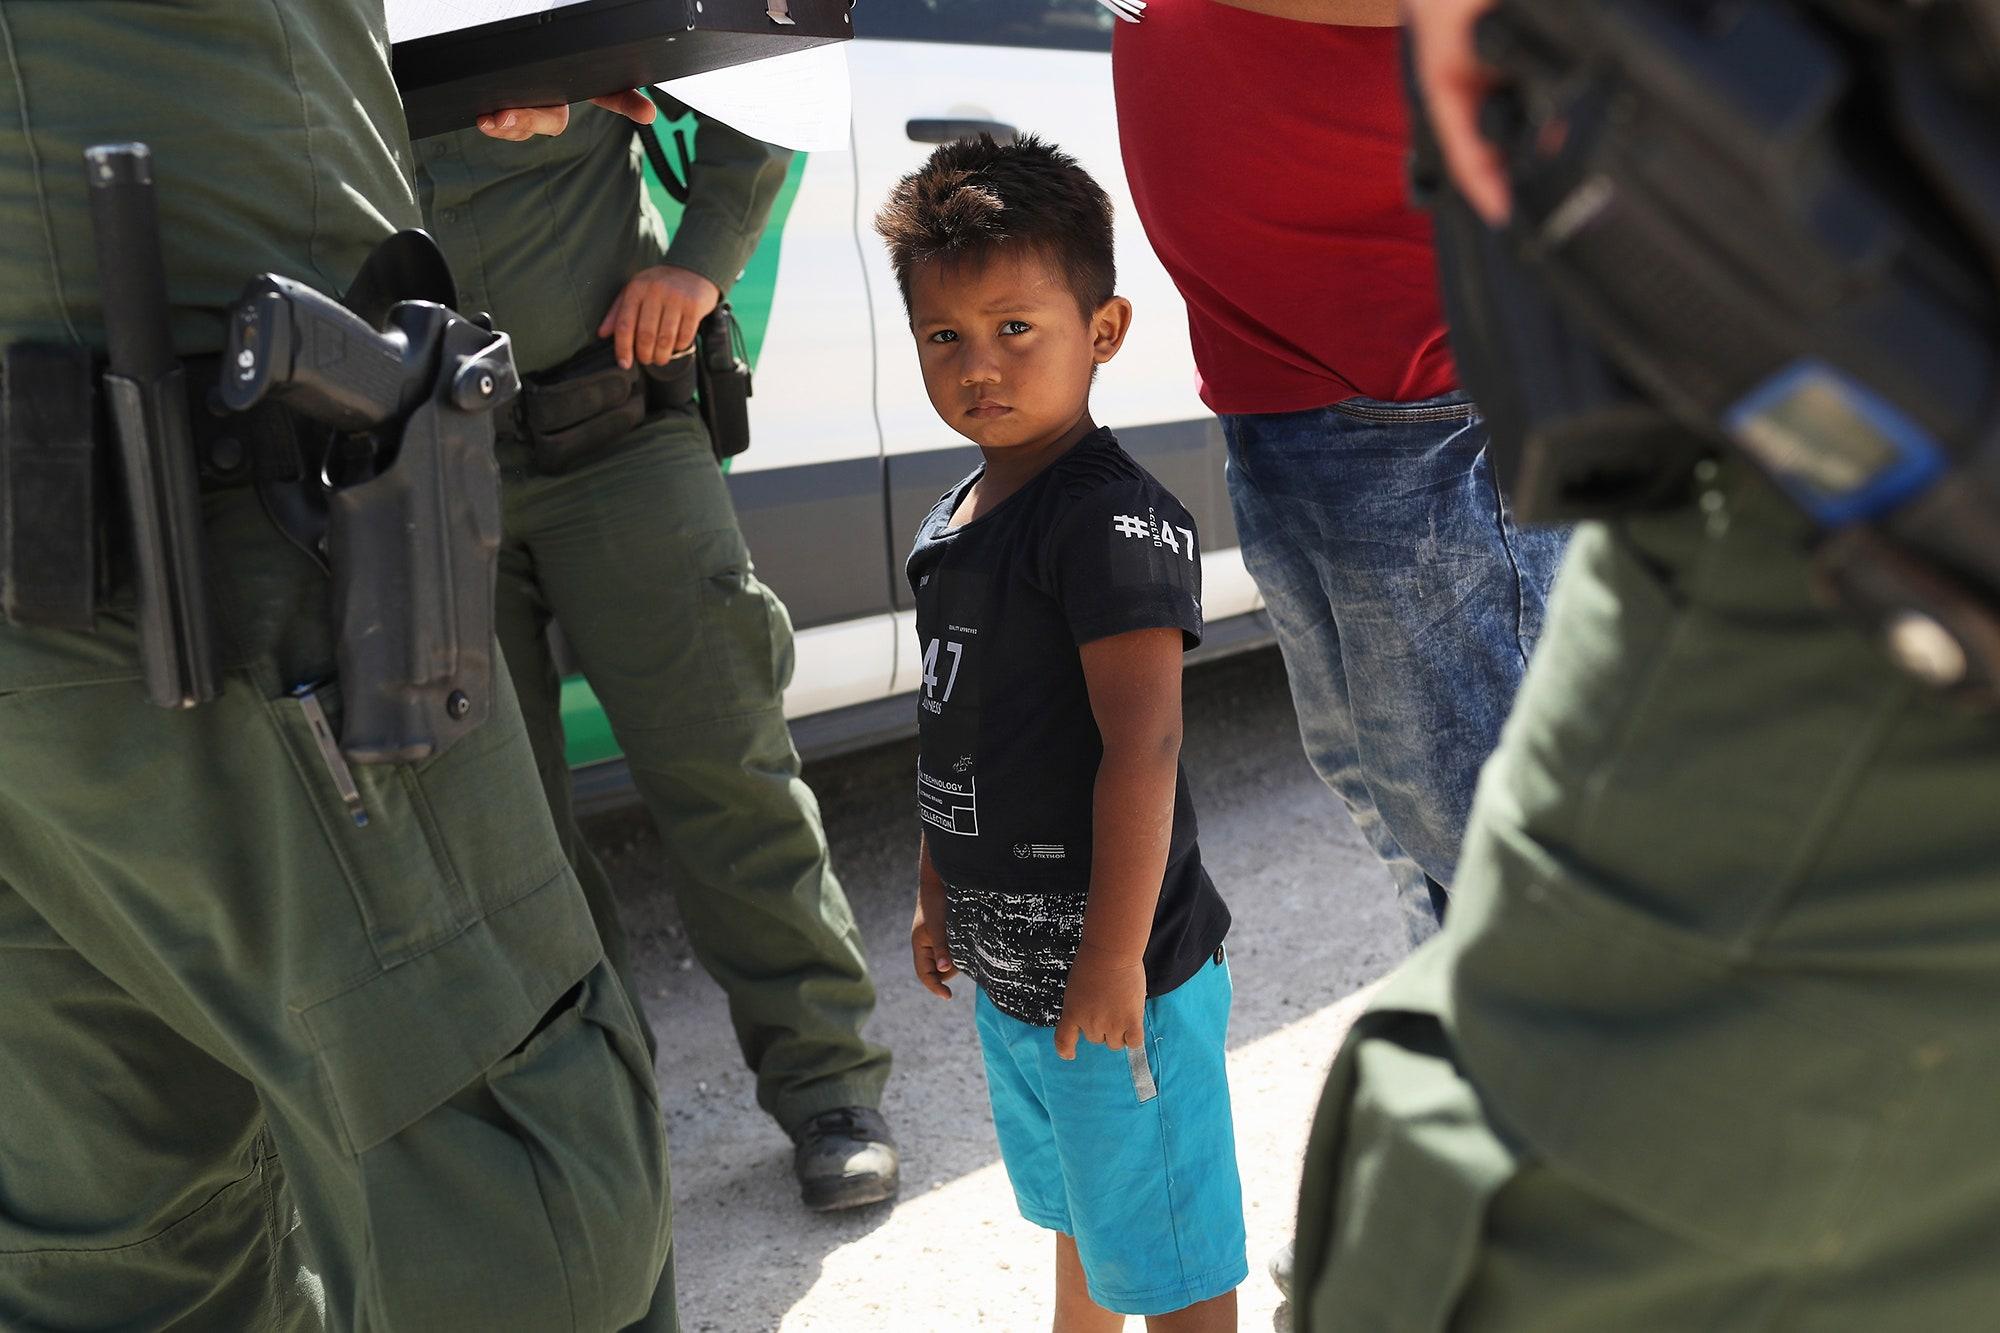 Buscas pelos pais de 303 crianças separadas na fronteira dos EUA-México